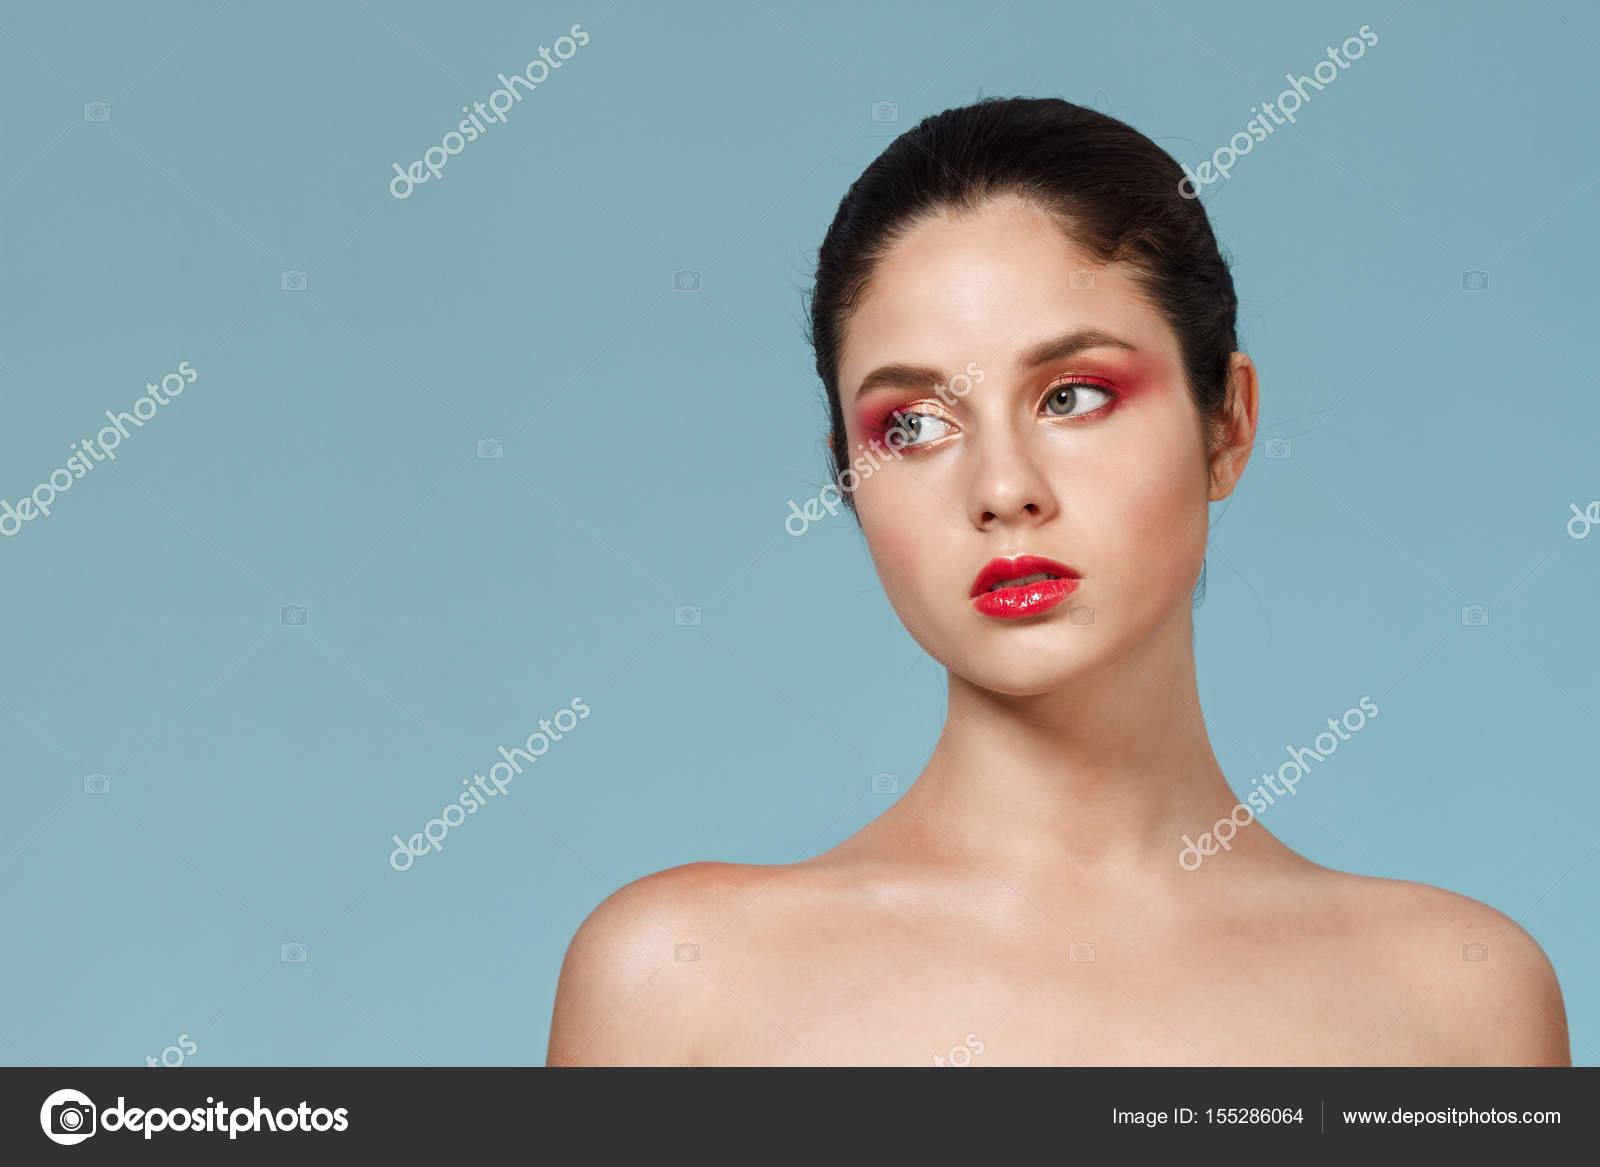 Fotografie mladé nahé dívky